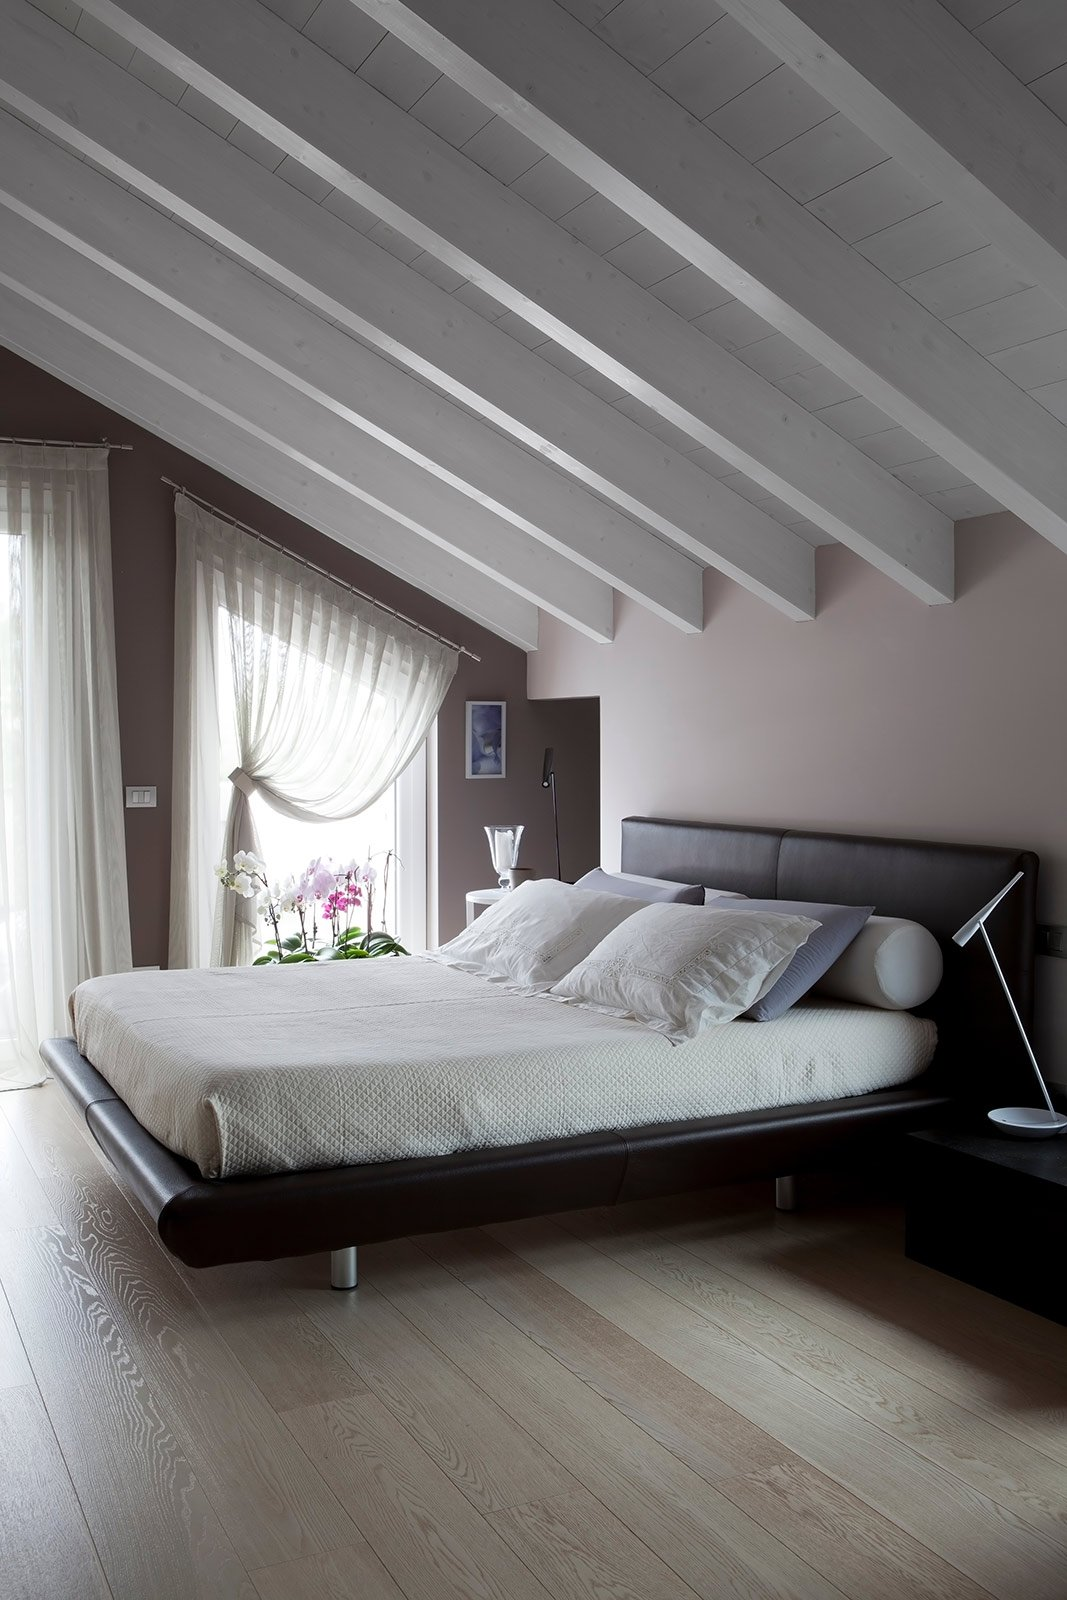 Bianco grigio nero per la casa di gusto contemporaneo for Costo case di design